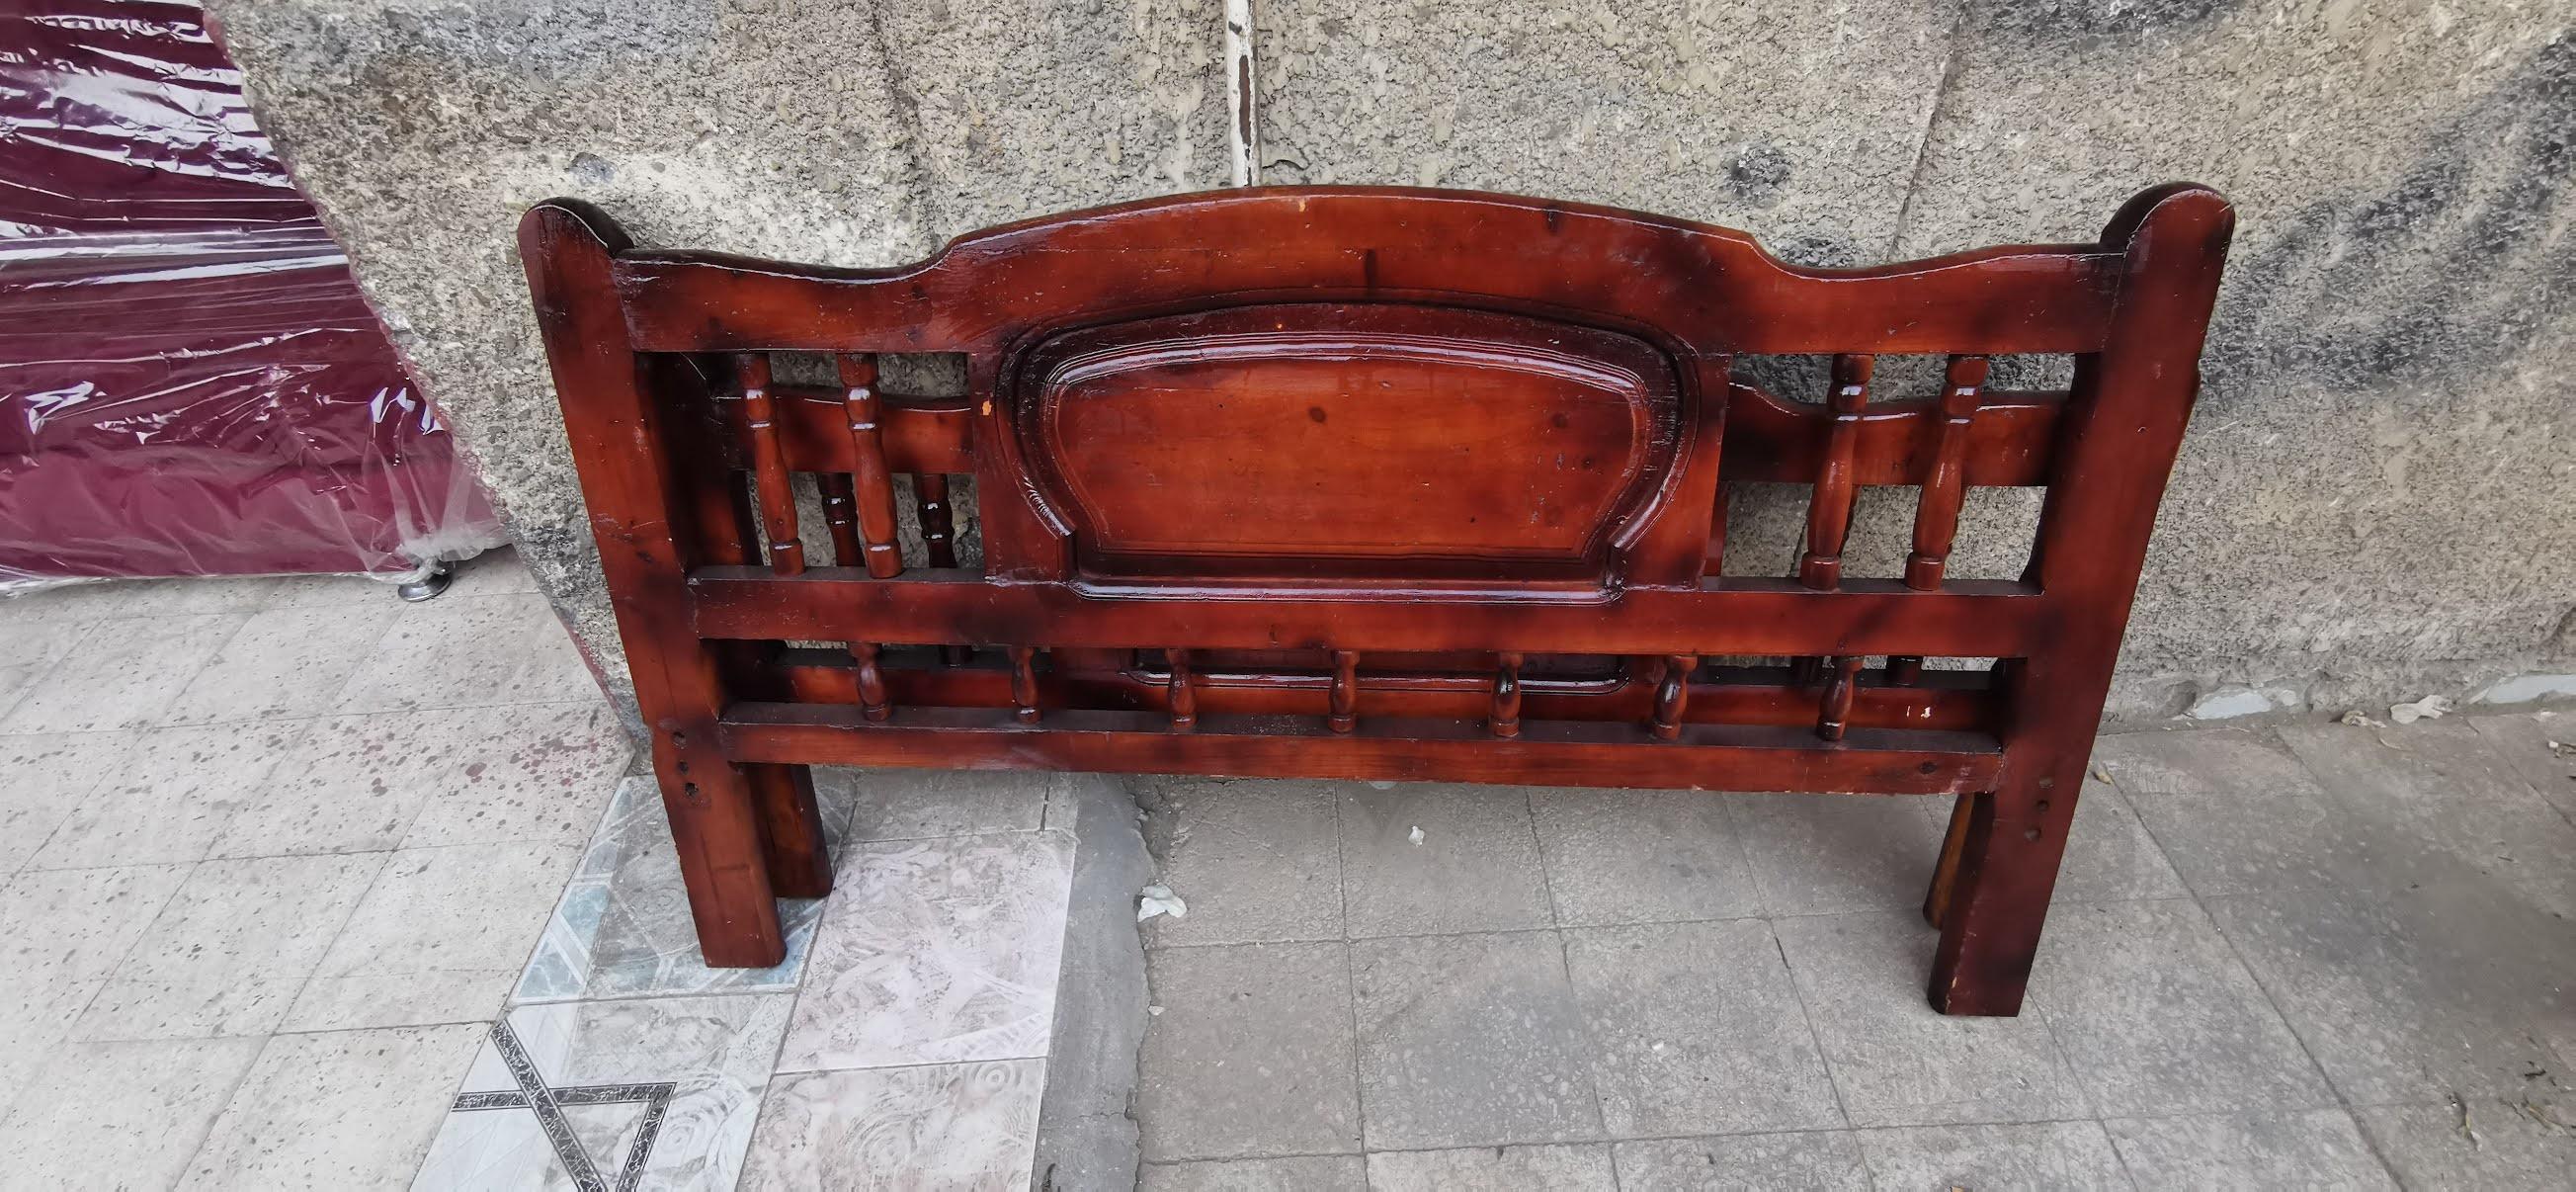 سرير مستعمل للبيع مقاس 150 سم كامل بالملل